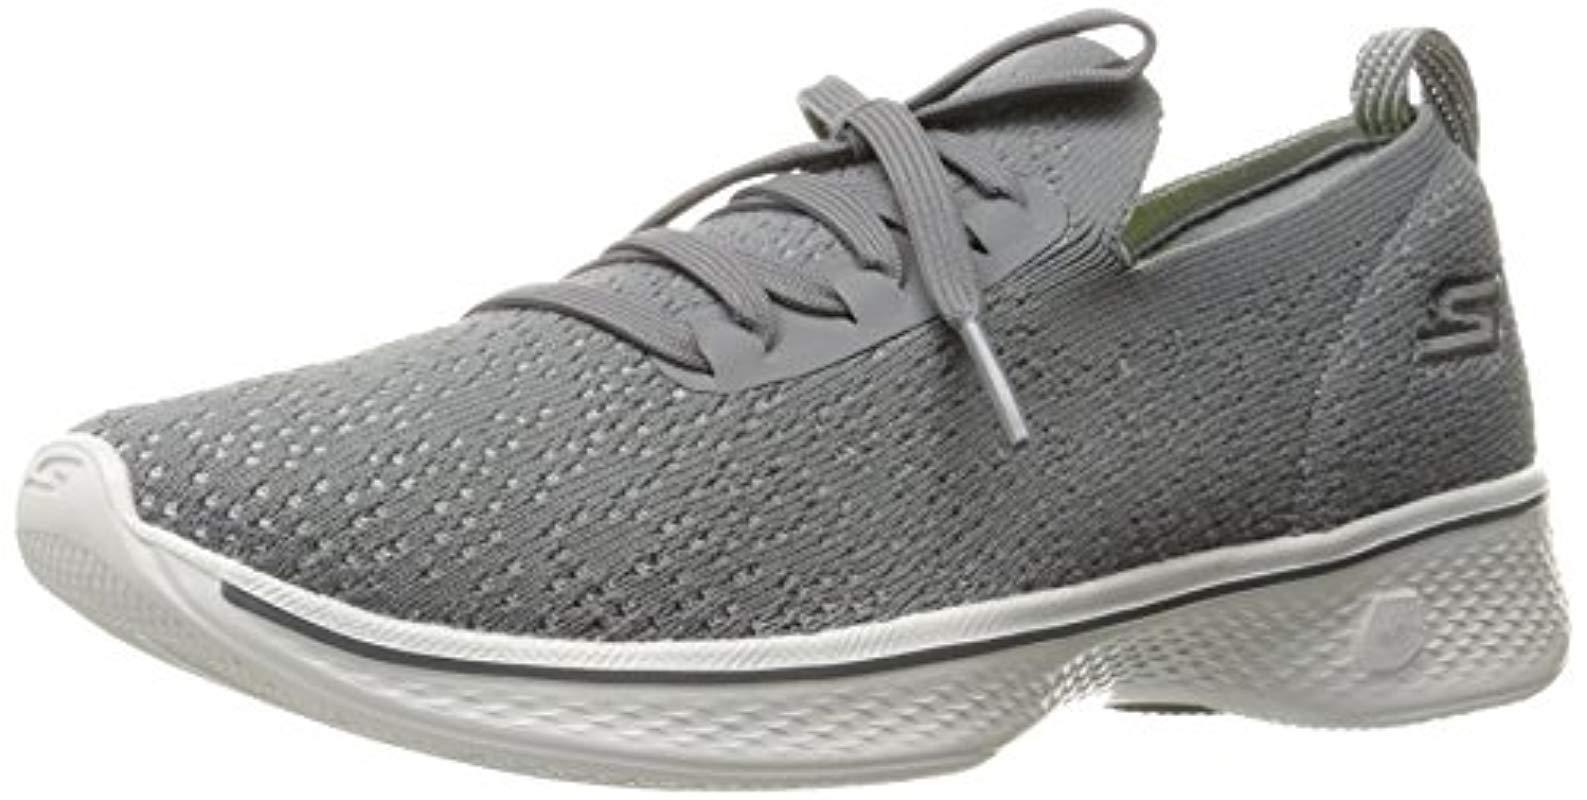 dc3f882ef526 Lyst - Skechers Go 4-14917 Walking Shoe in Gray - Save 6%